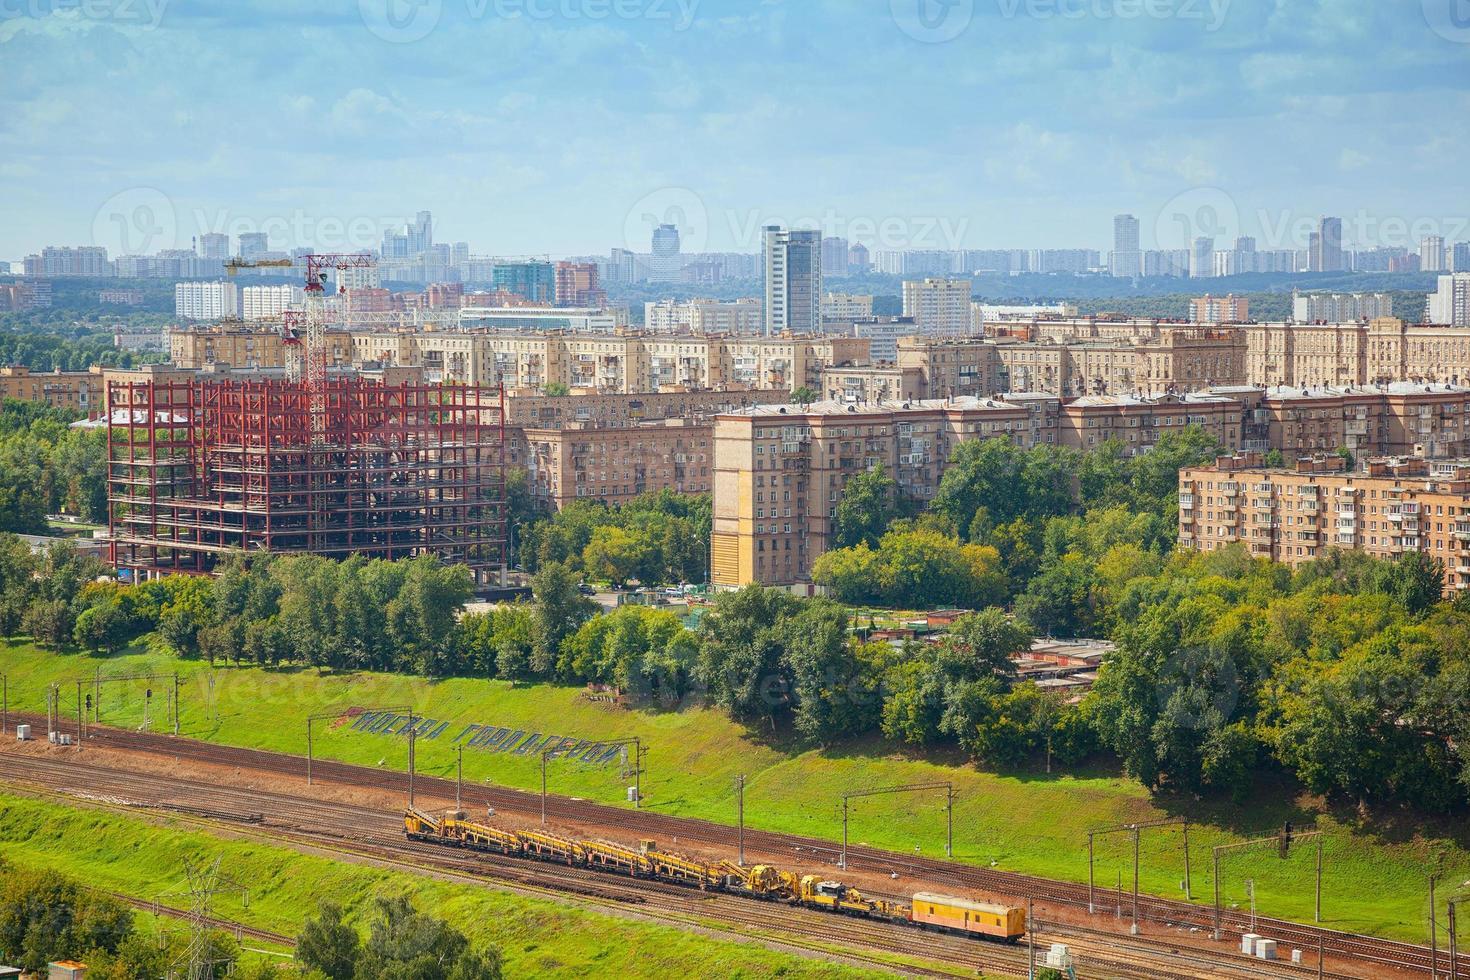 paesaggio urbano, parte vecchia della città di Mosca. la ferrovia in primo piano foto